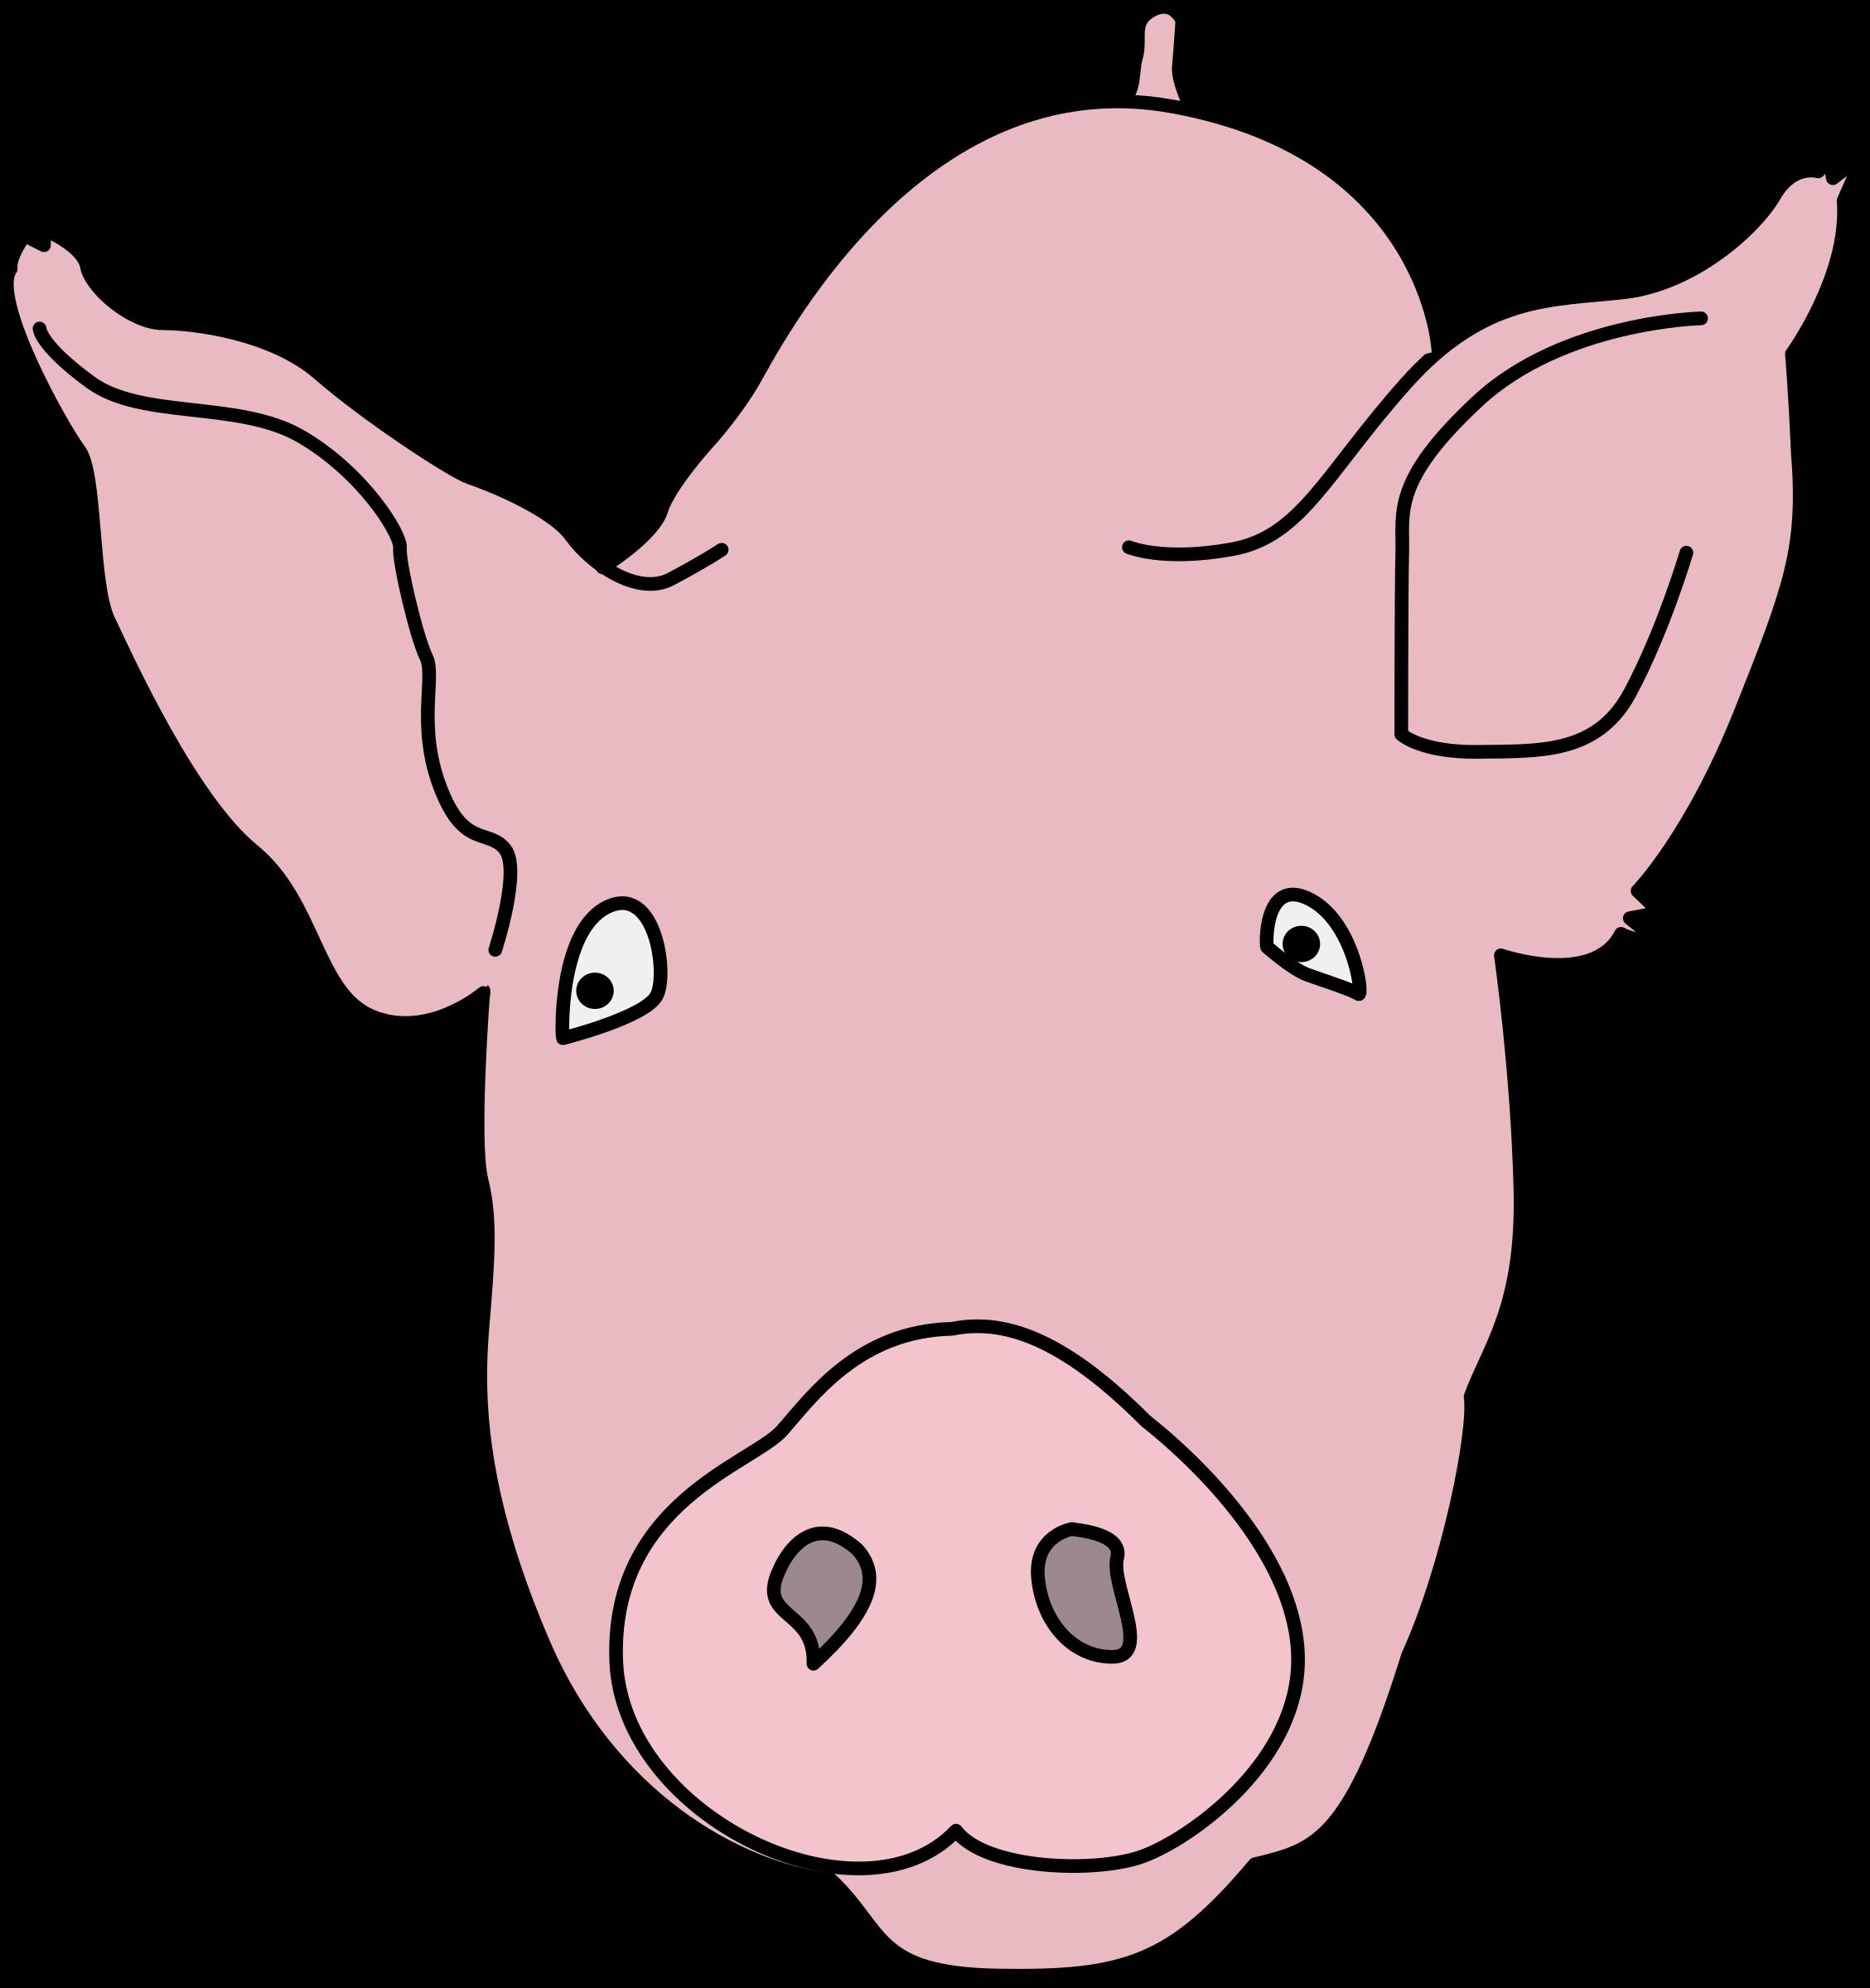 Pig colour big image. Nose clipart color